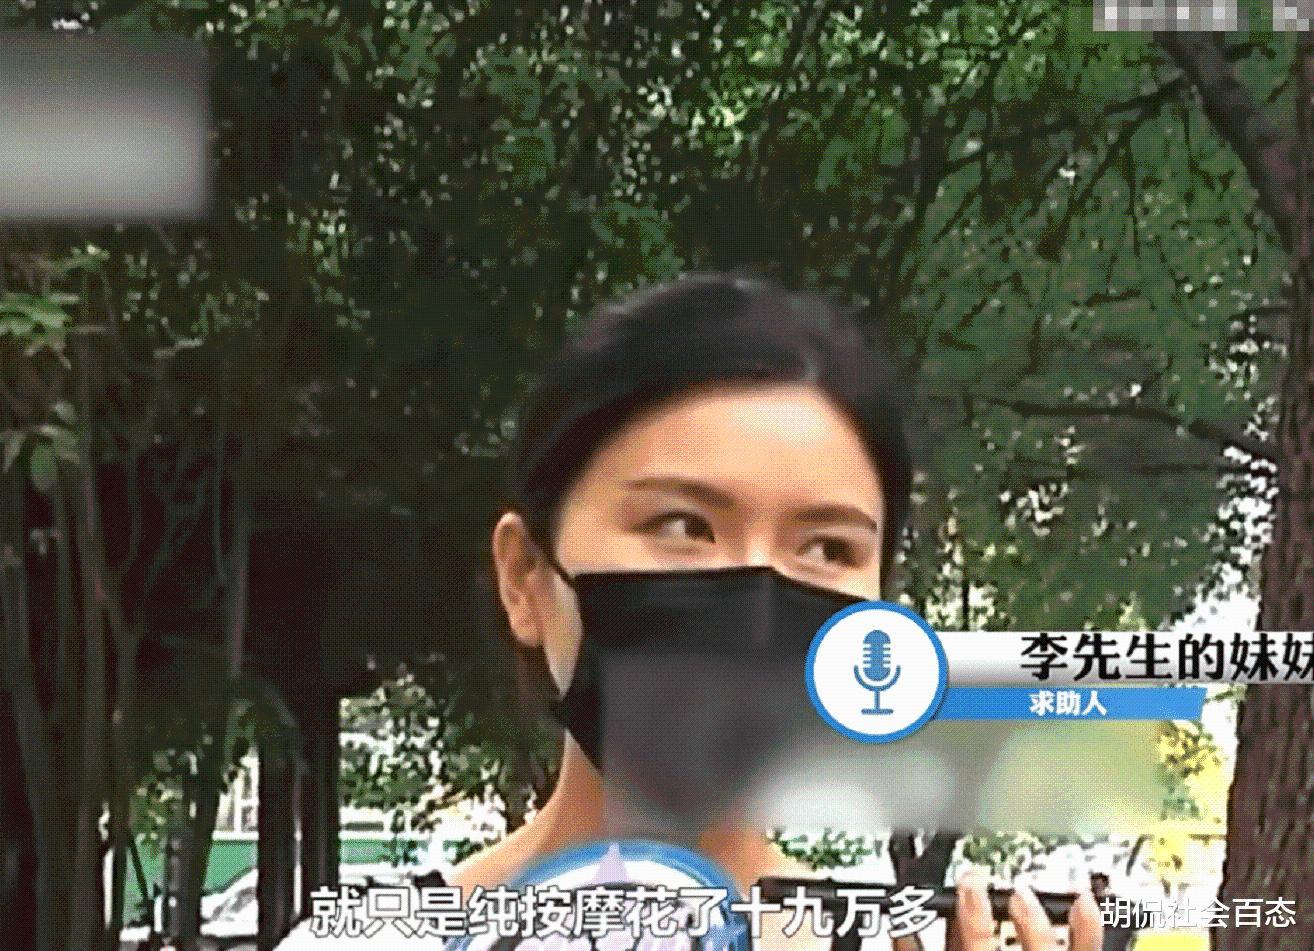 郑州一女子遭遇天价按摩:1小时按摩费用19万元,网友:打劫呢?